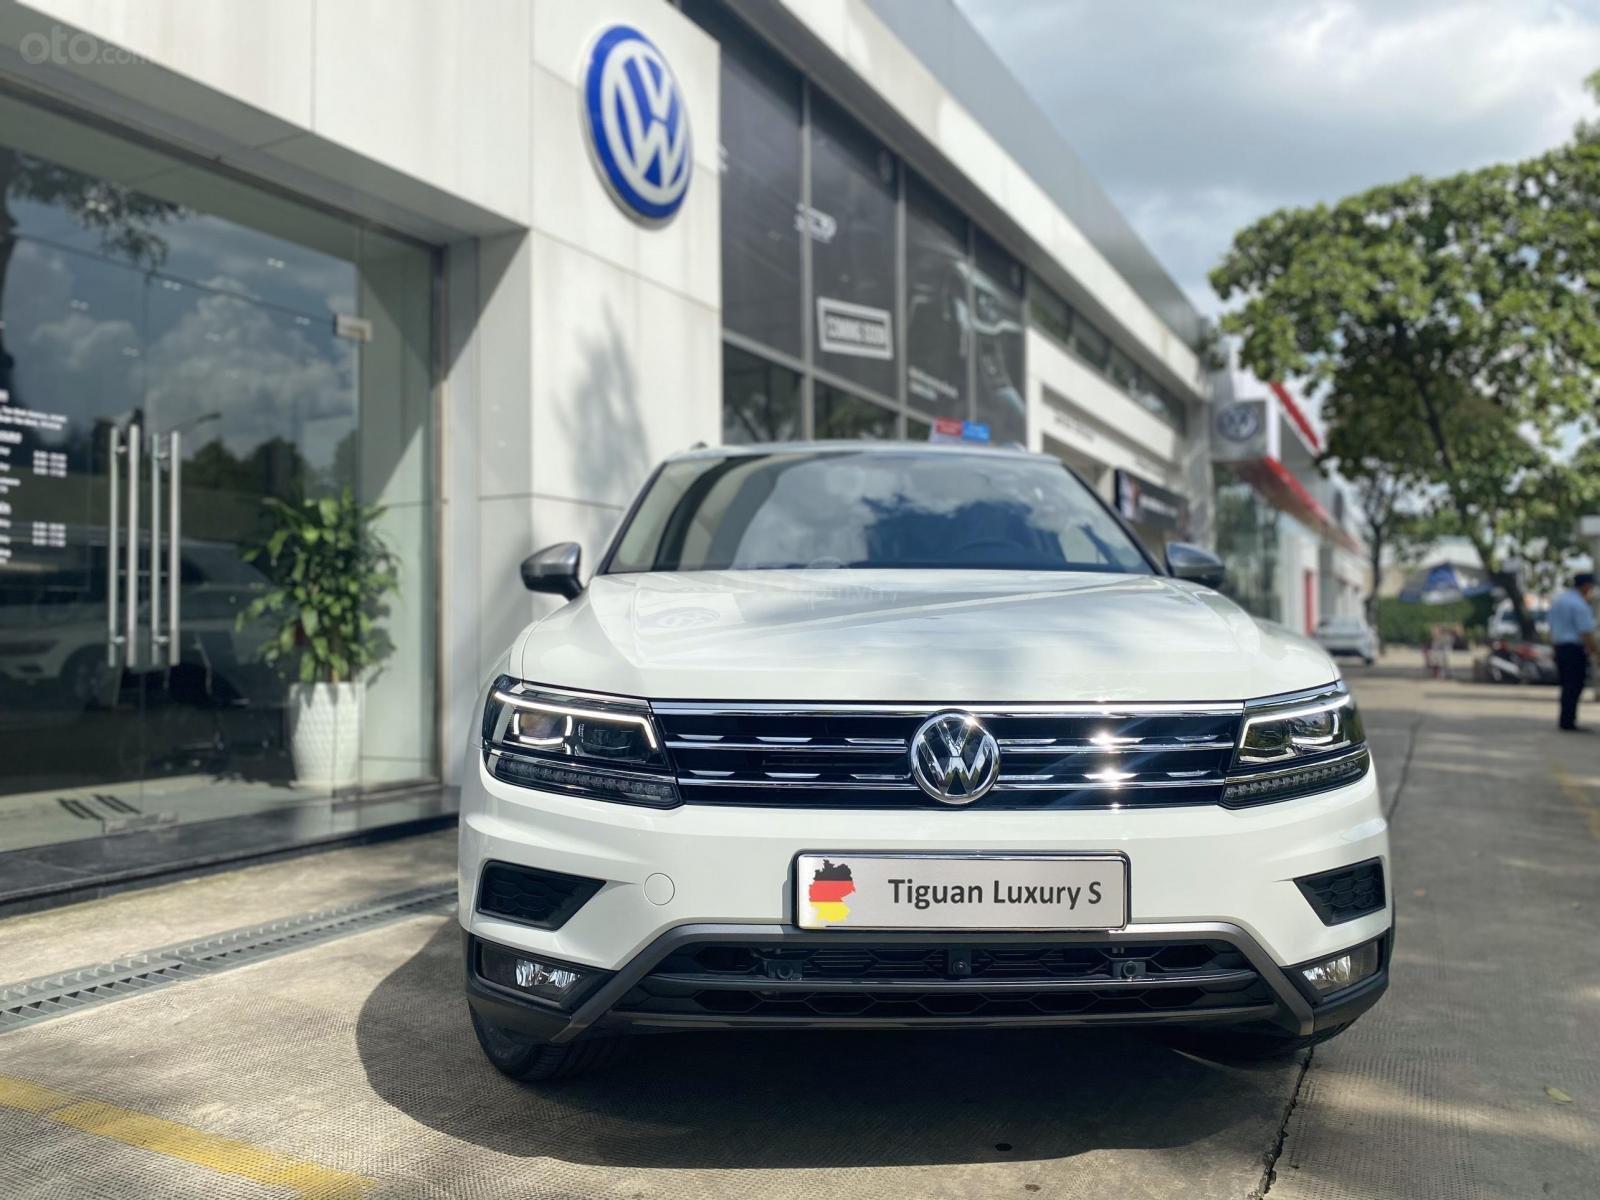 Volkswagen Sài Gòn Tiguan Luxury màu trắng - Giá tốt cho tháng ngâu - 6 màu giao ngay (trắng, đen, đỏ,.. ) - Hỗ trợ vay 80% (6)